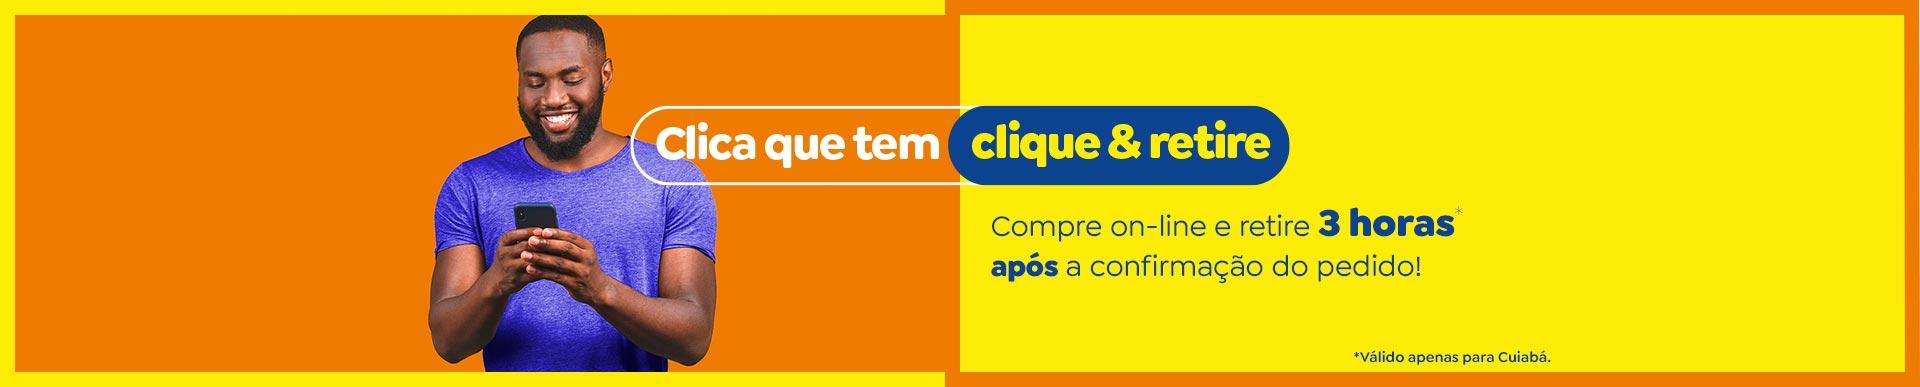 CliqueEretire-MT-ate3-horas